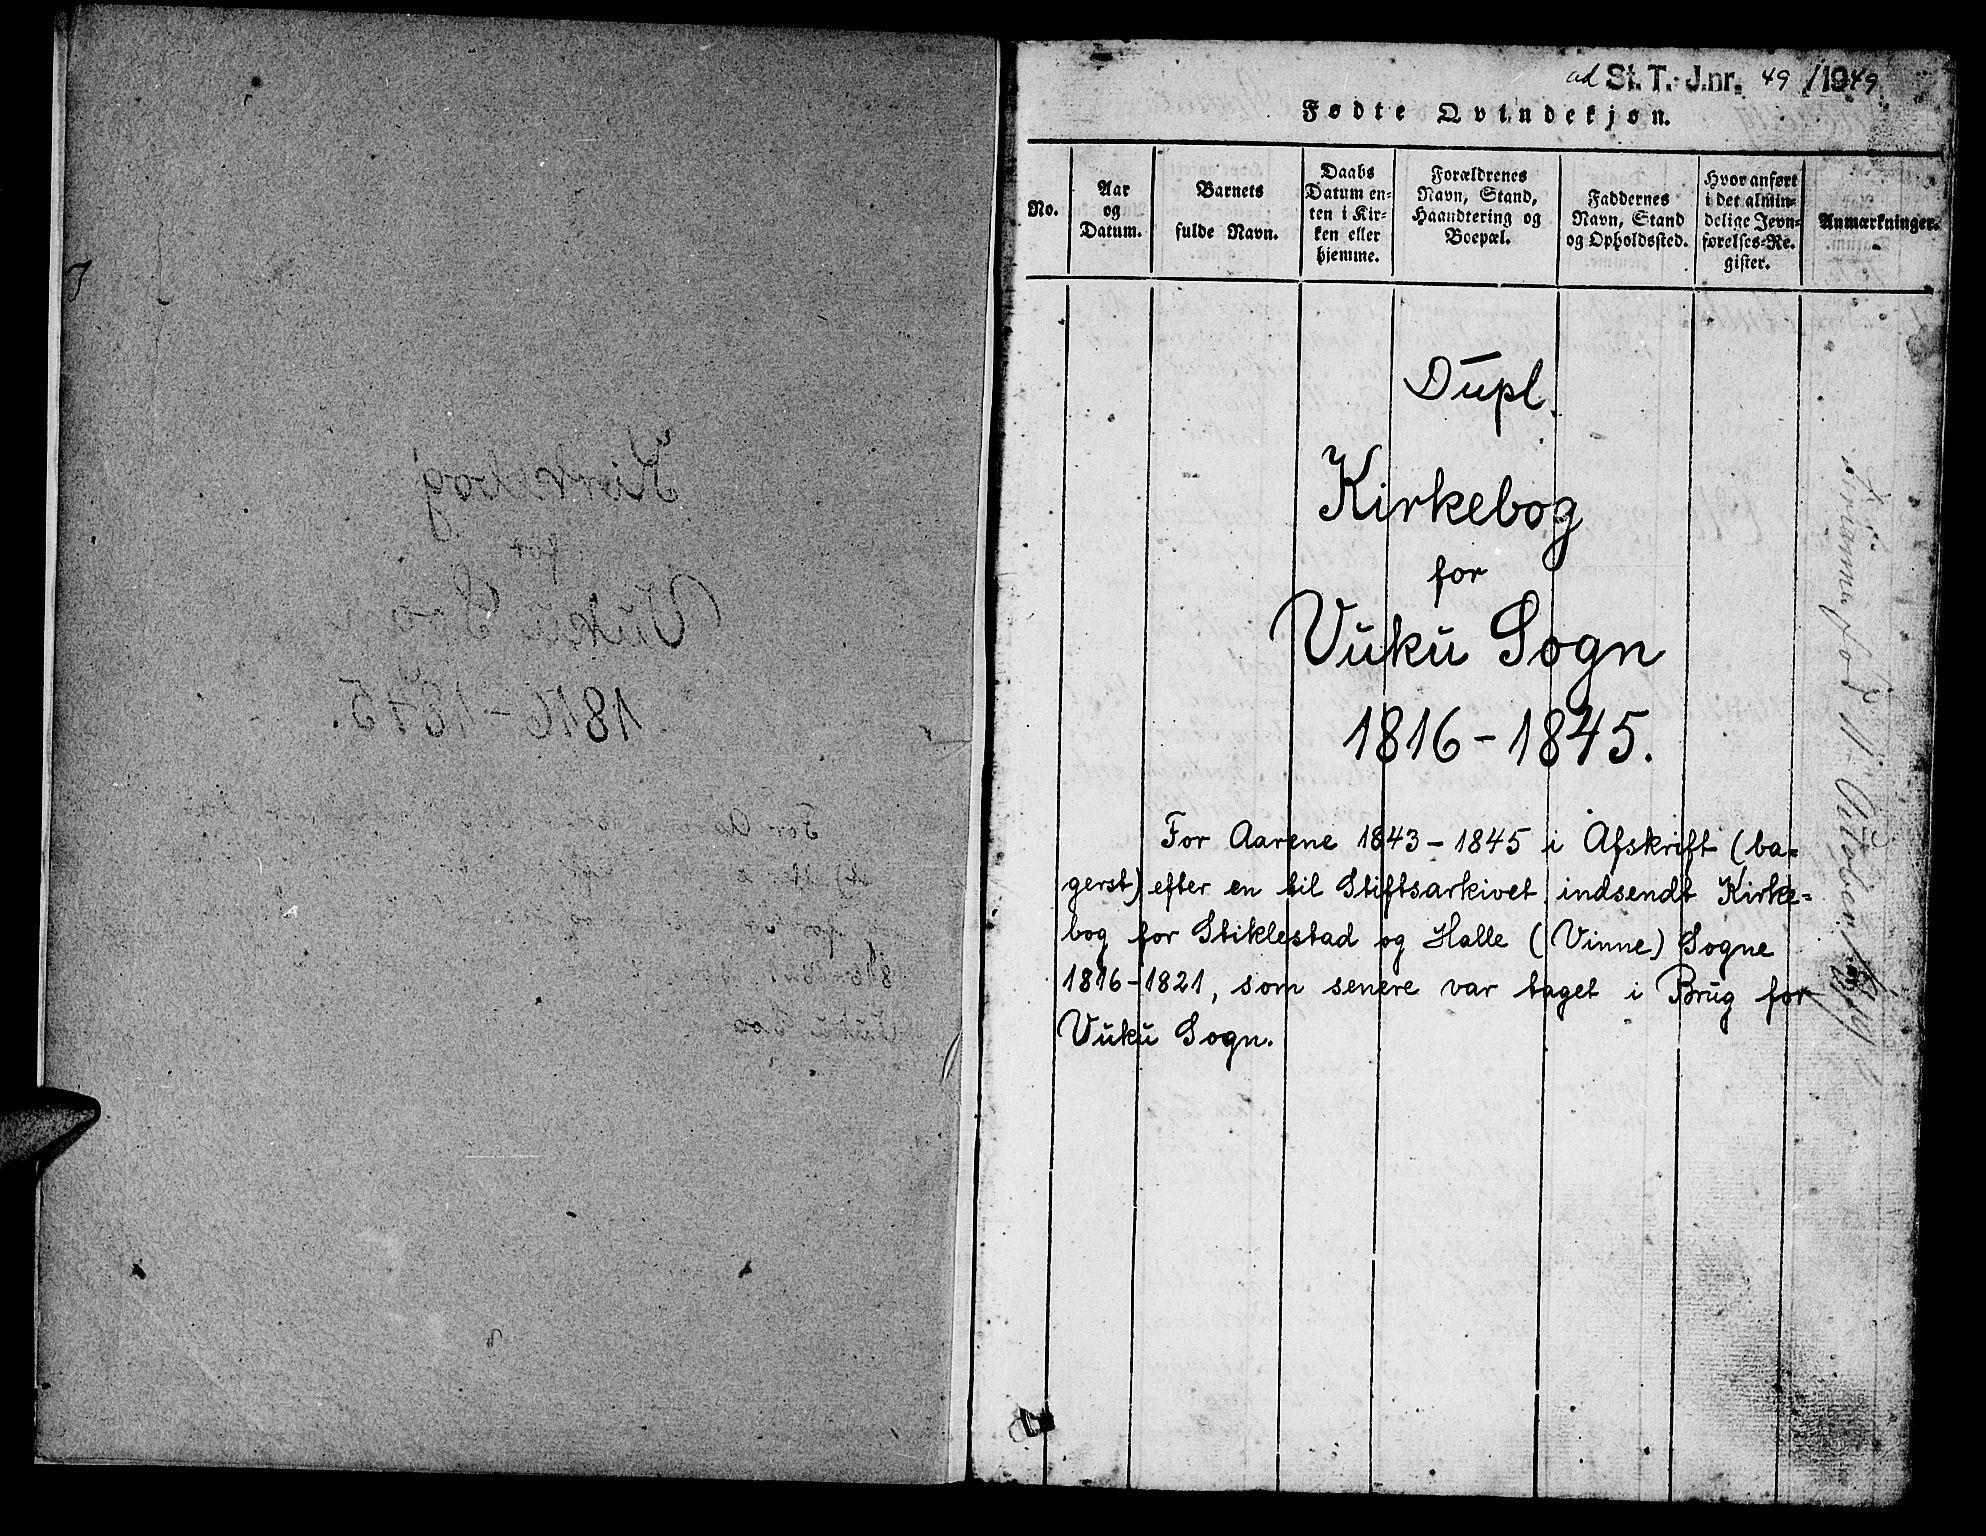 SAT, Ministerialprotokoller, klokkerbøker og fødselsregistre - Nord-Trøndelag, 724/L0265: Klokkerbok nr. 724C01, 1816-1845, s. 1